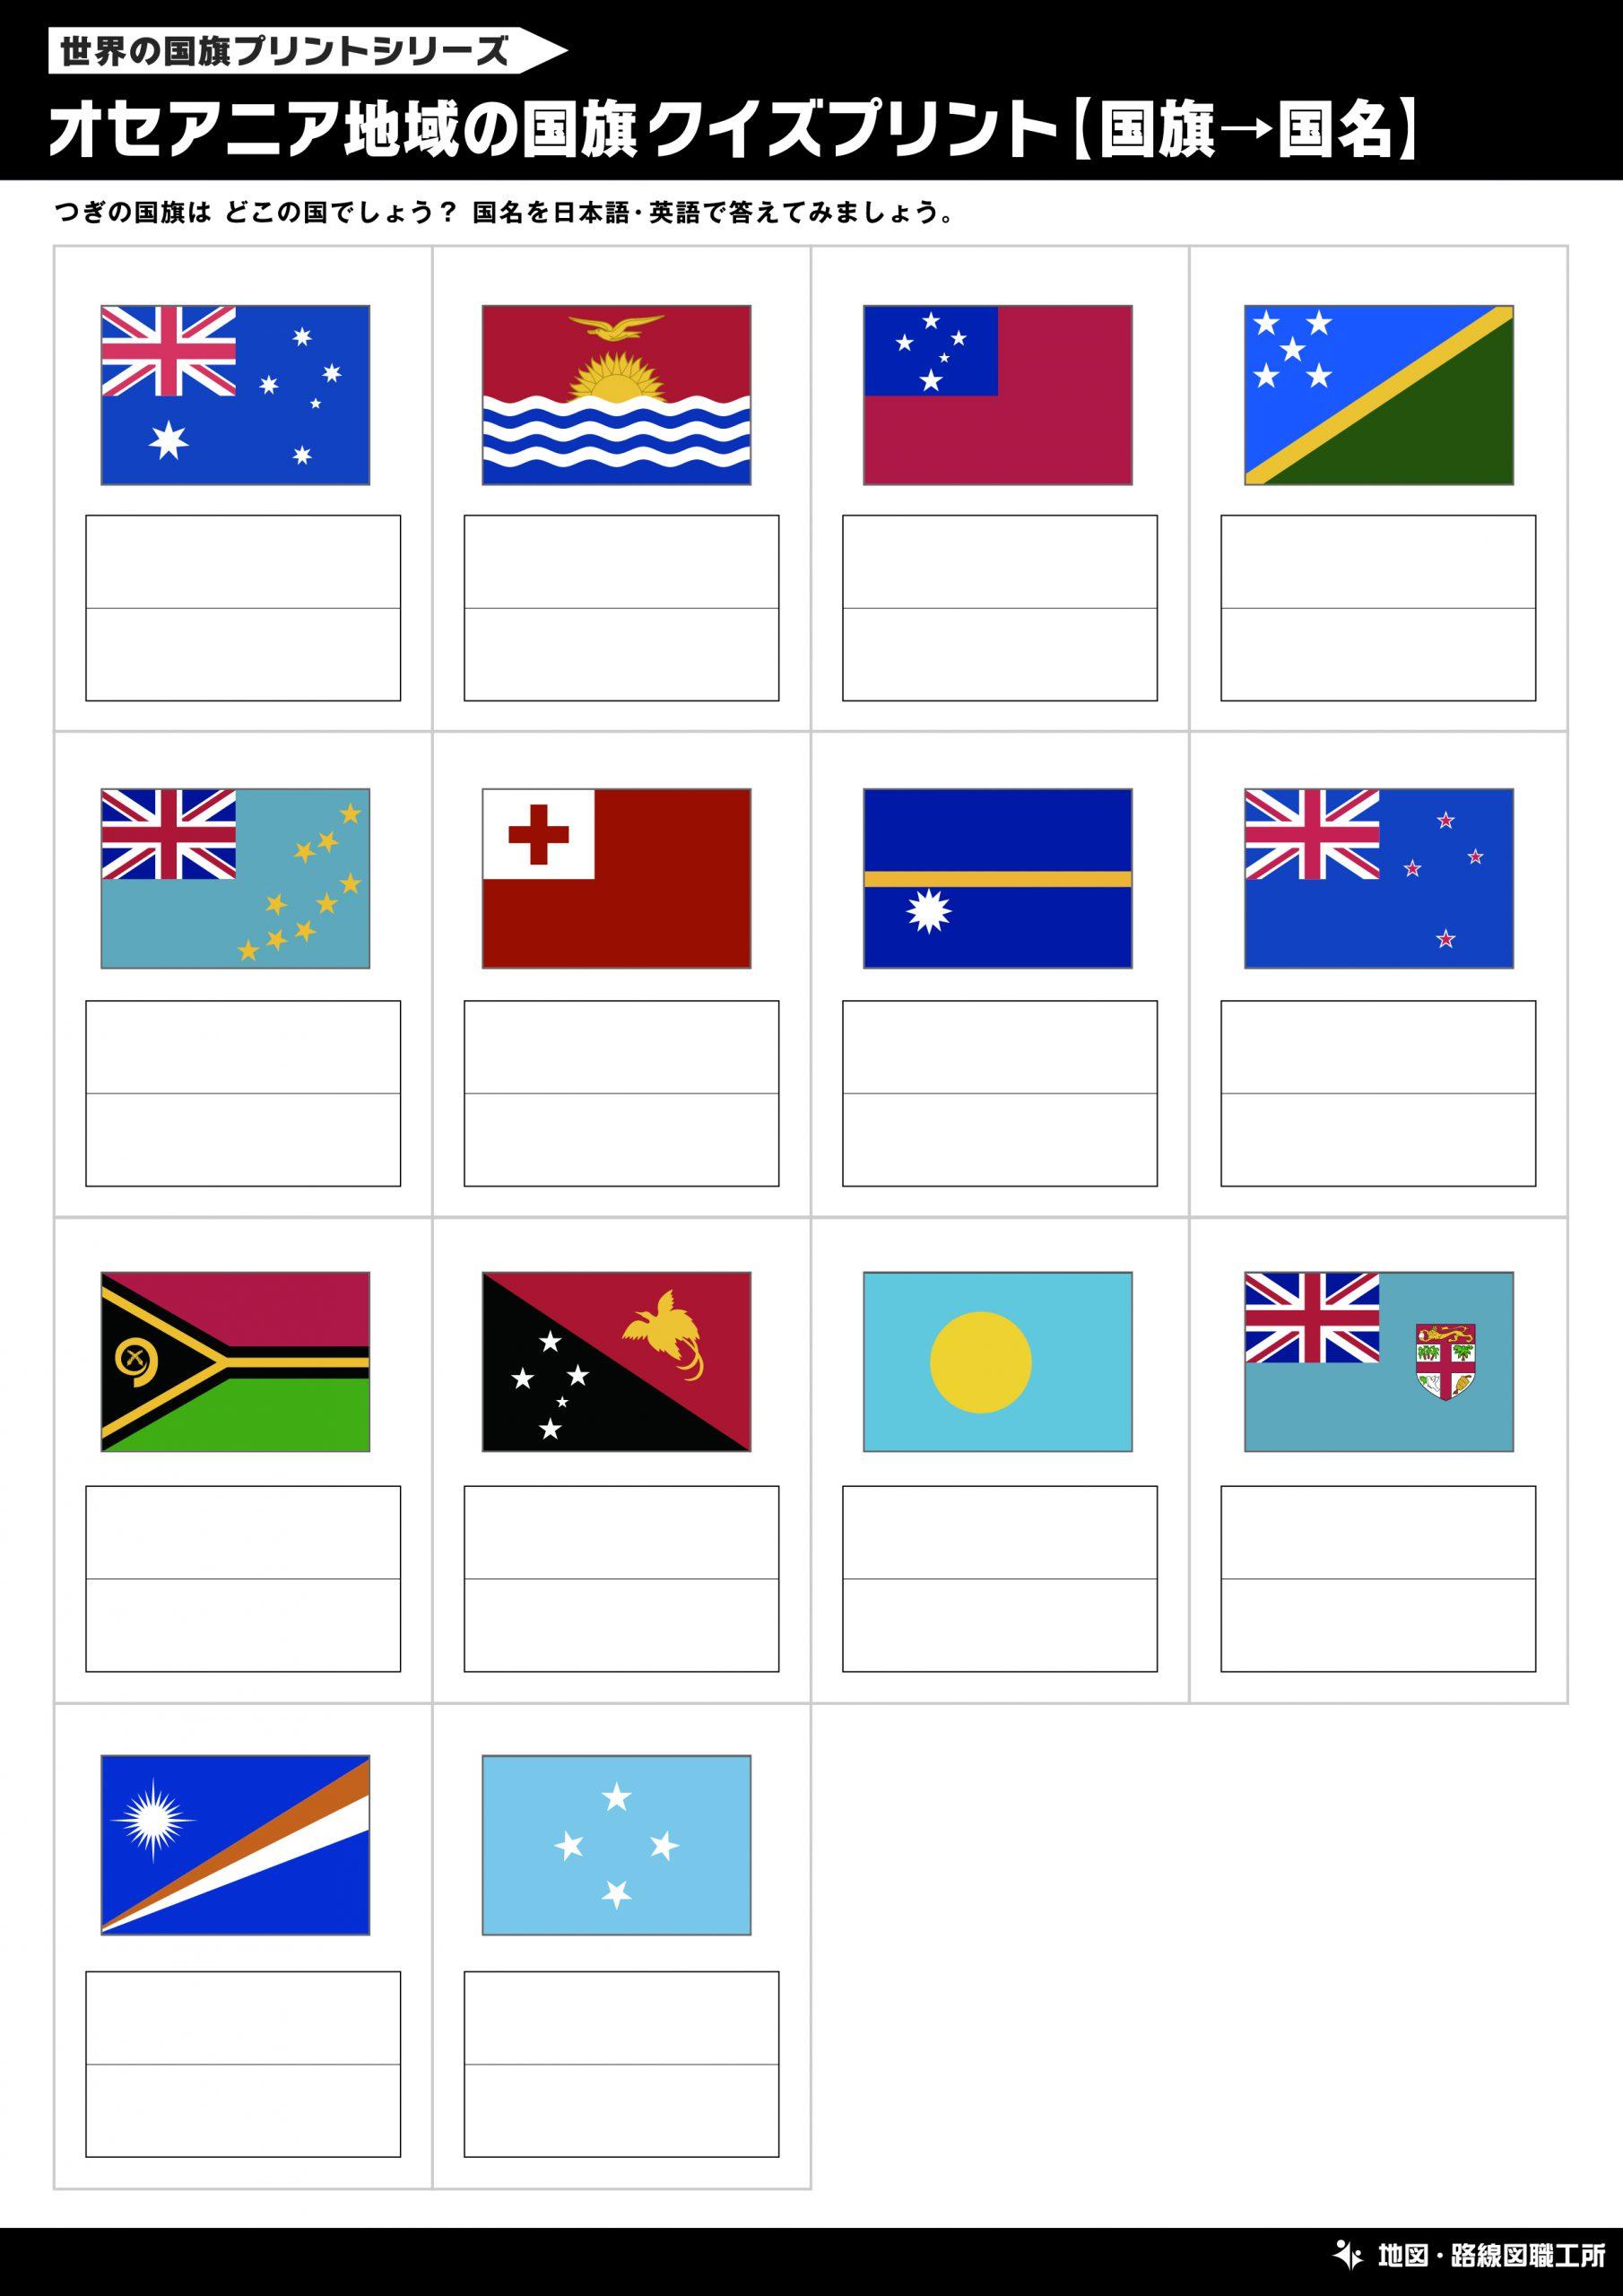 オセアニア地域の国旗クイズプリント【国旗→国名】